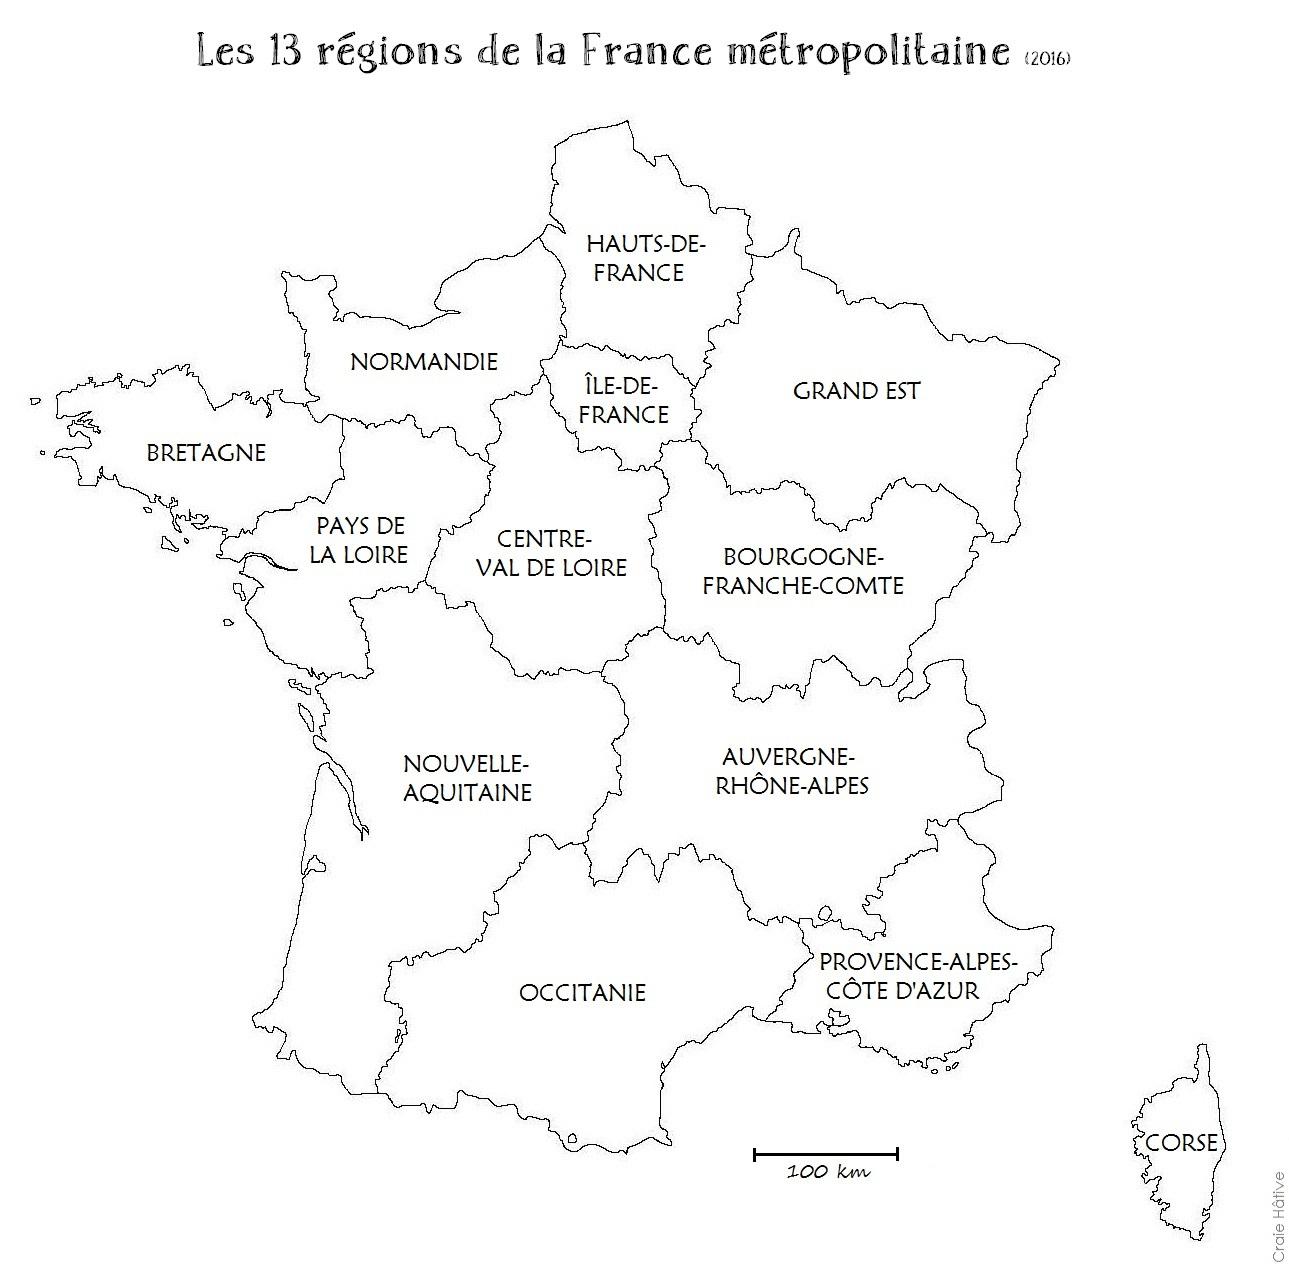 Cartes Des Régions De La France Métropolitaine - 2016 pour Carte De France Ce2